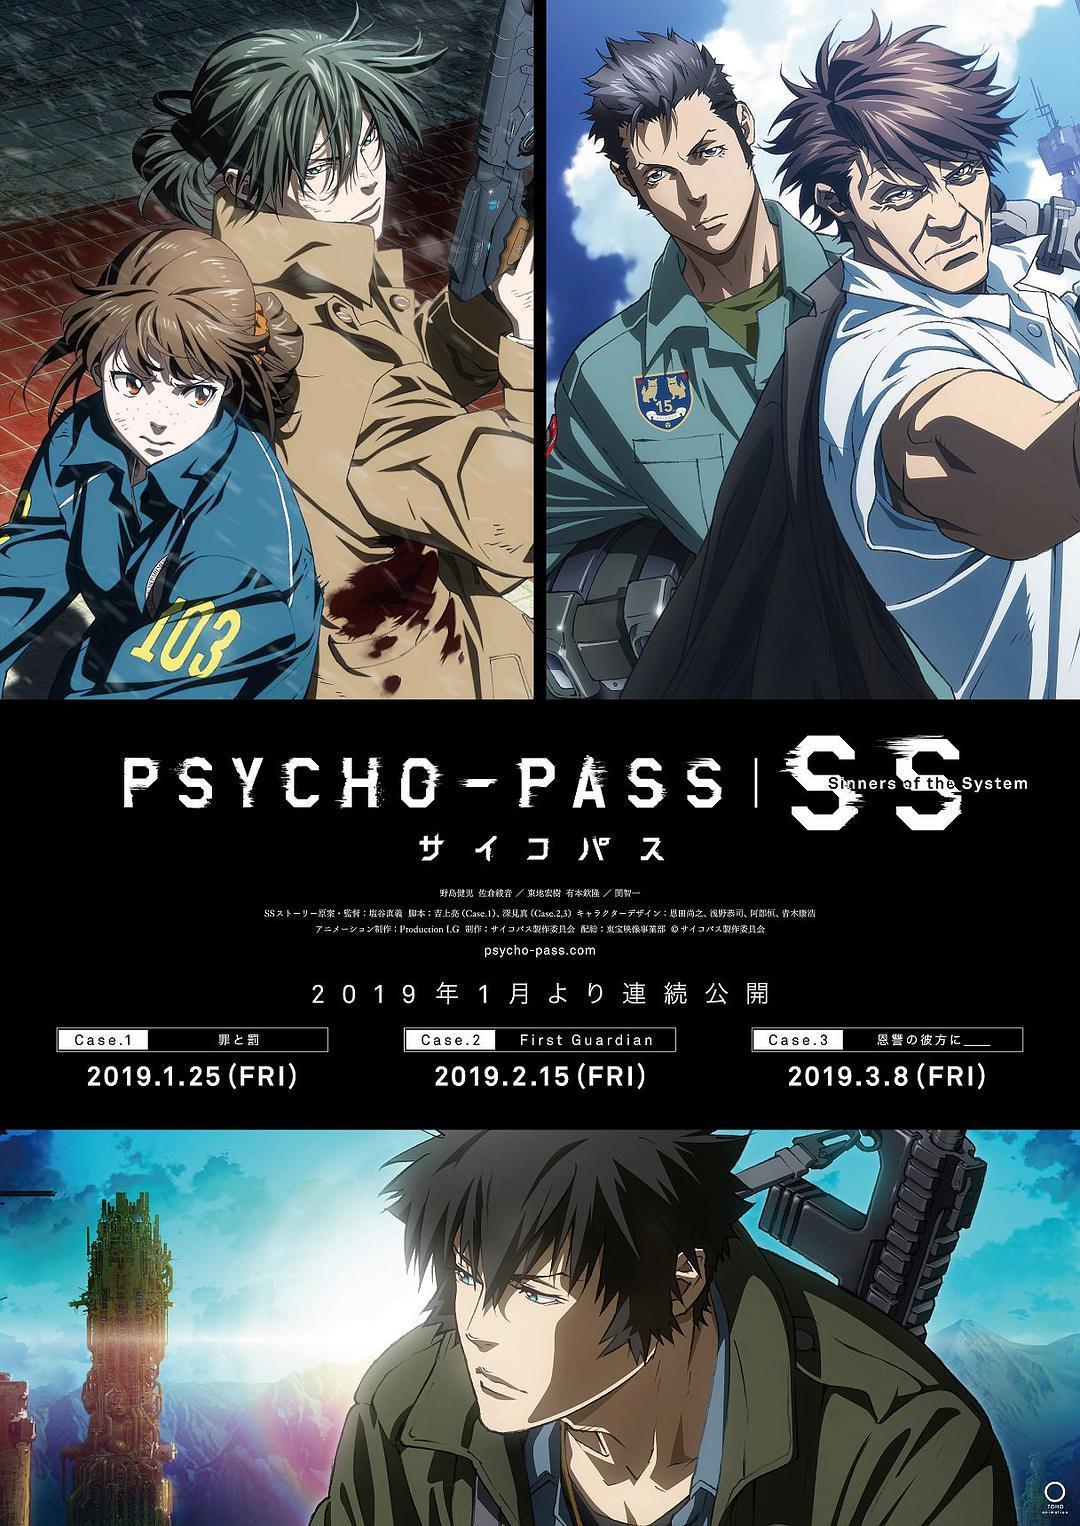 2019 日本《心理測量者SS1:罪與罰》講述霜月和宜野座為中心的故事